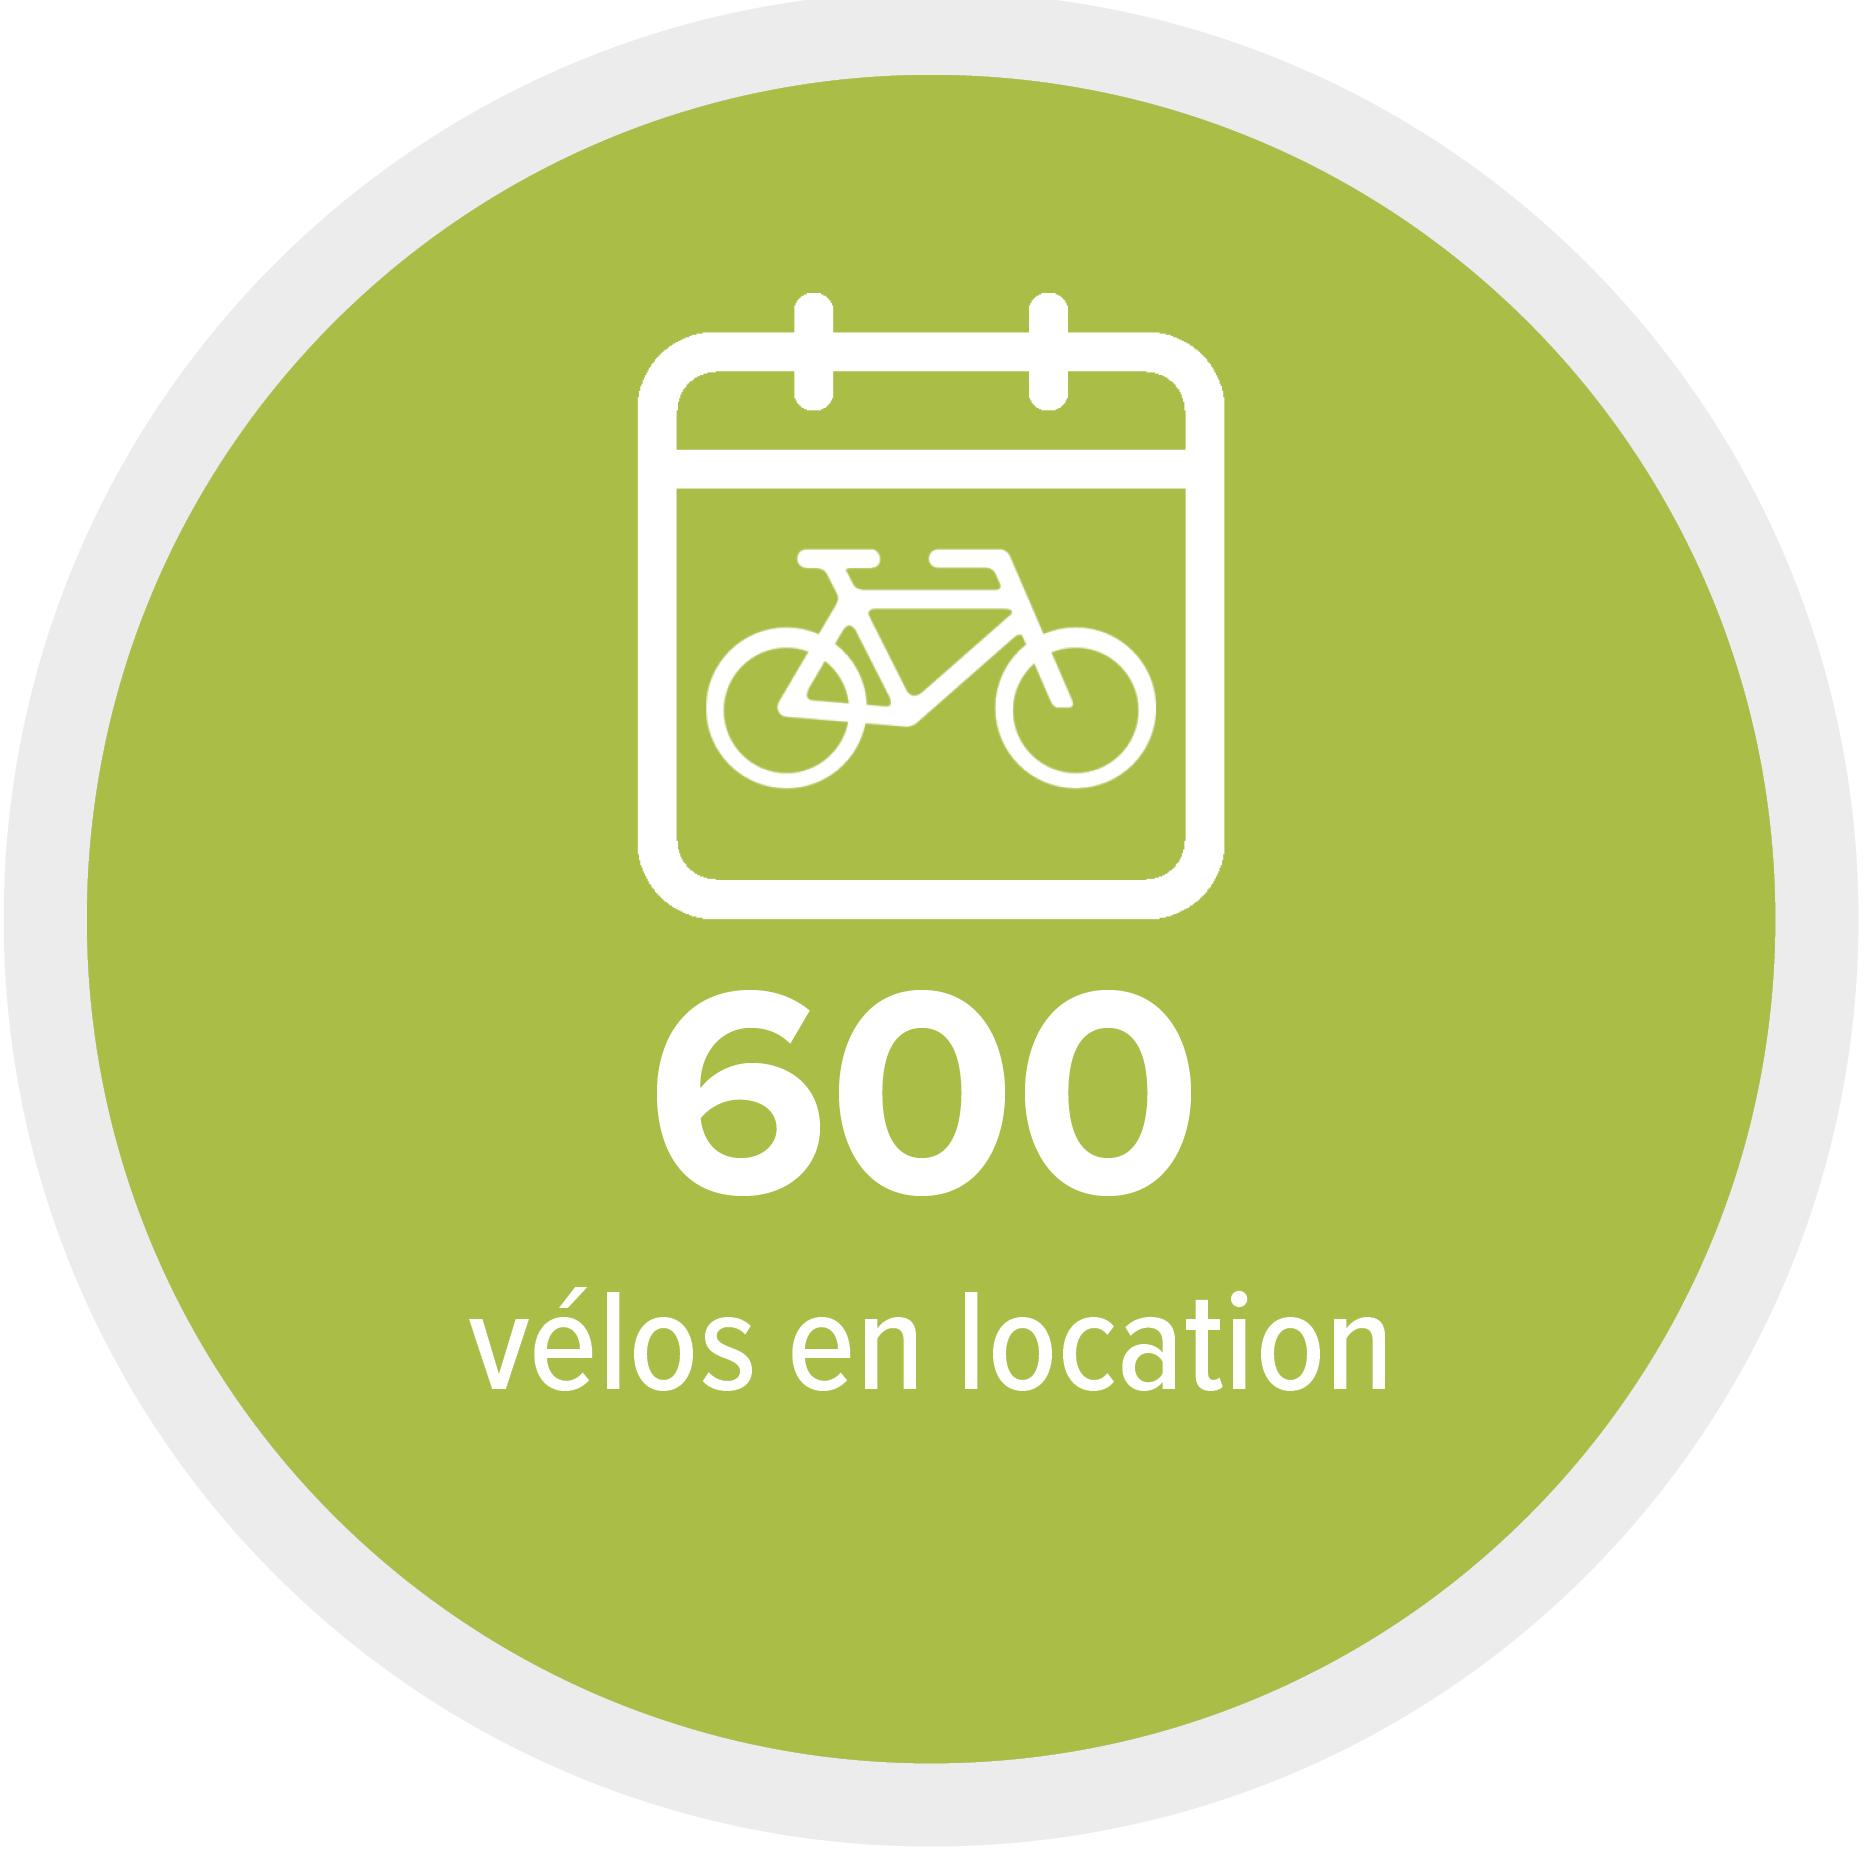 6000 vélos en location